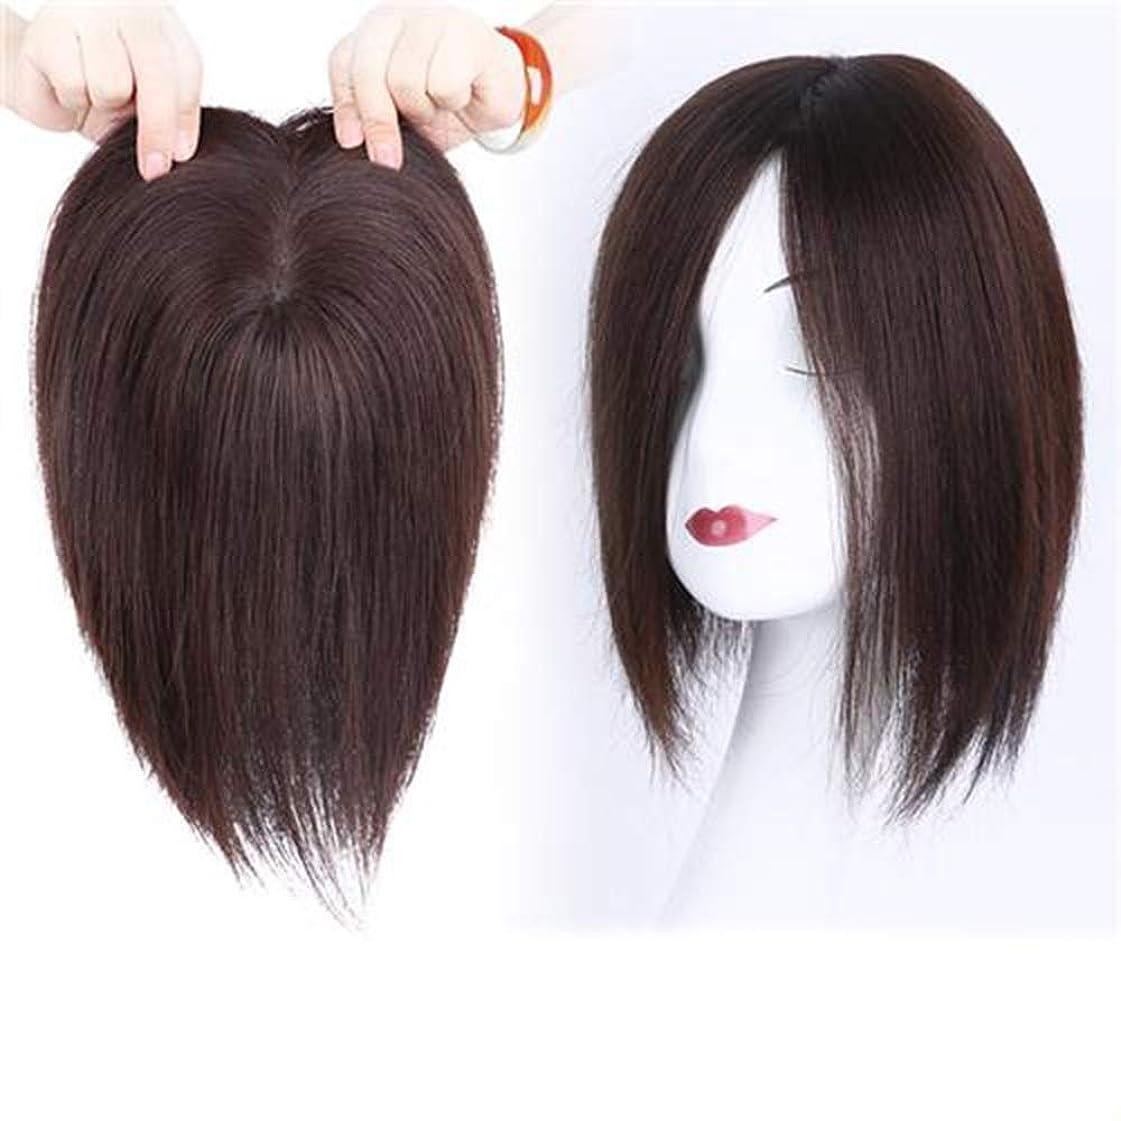 混雑シャープベーシックYESONEEP 手織りのリアルヘアストレートヘアエクステンション薄い女性のかつらファッションかつら (色 : Natural color, サイズ : 30cm)